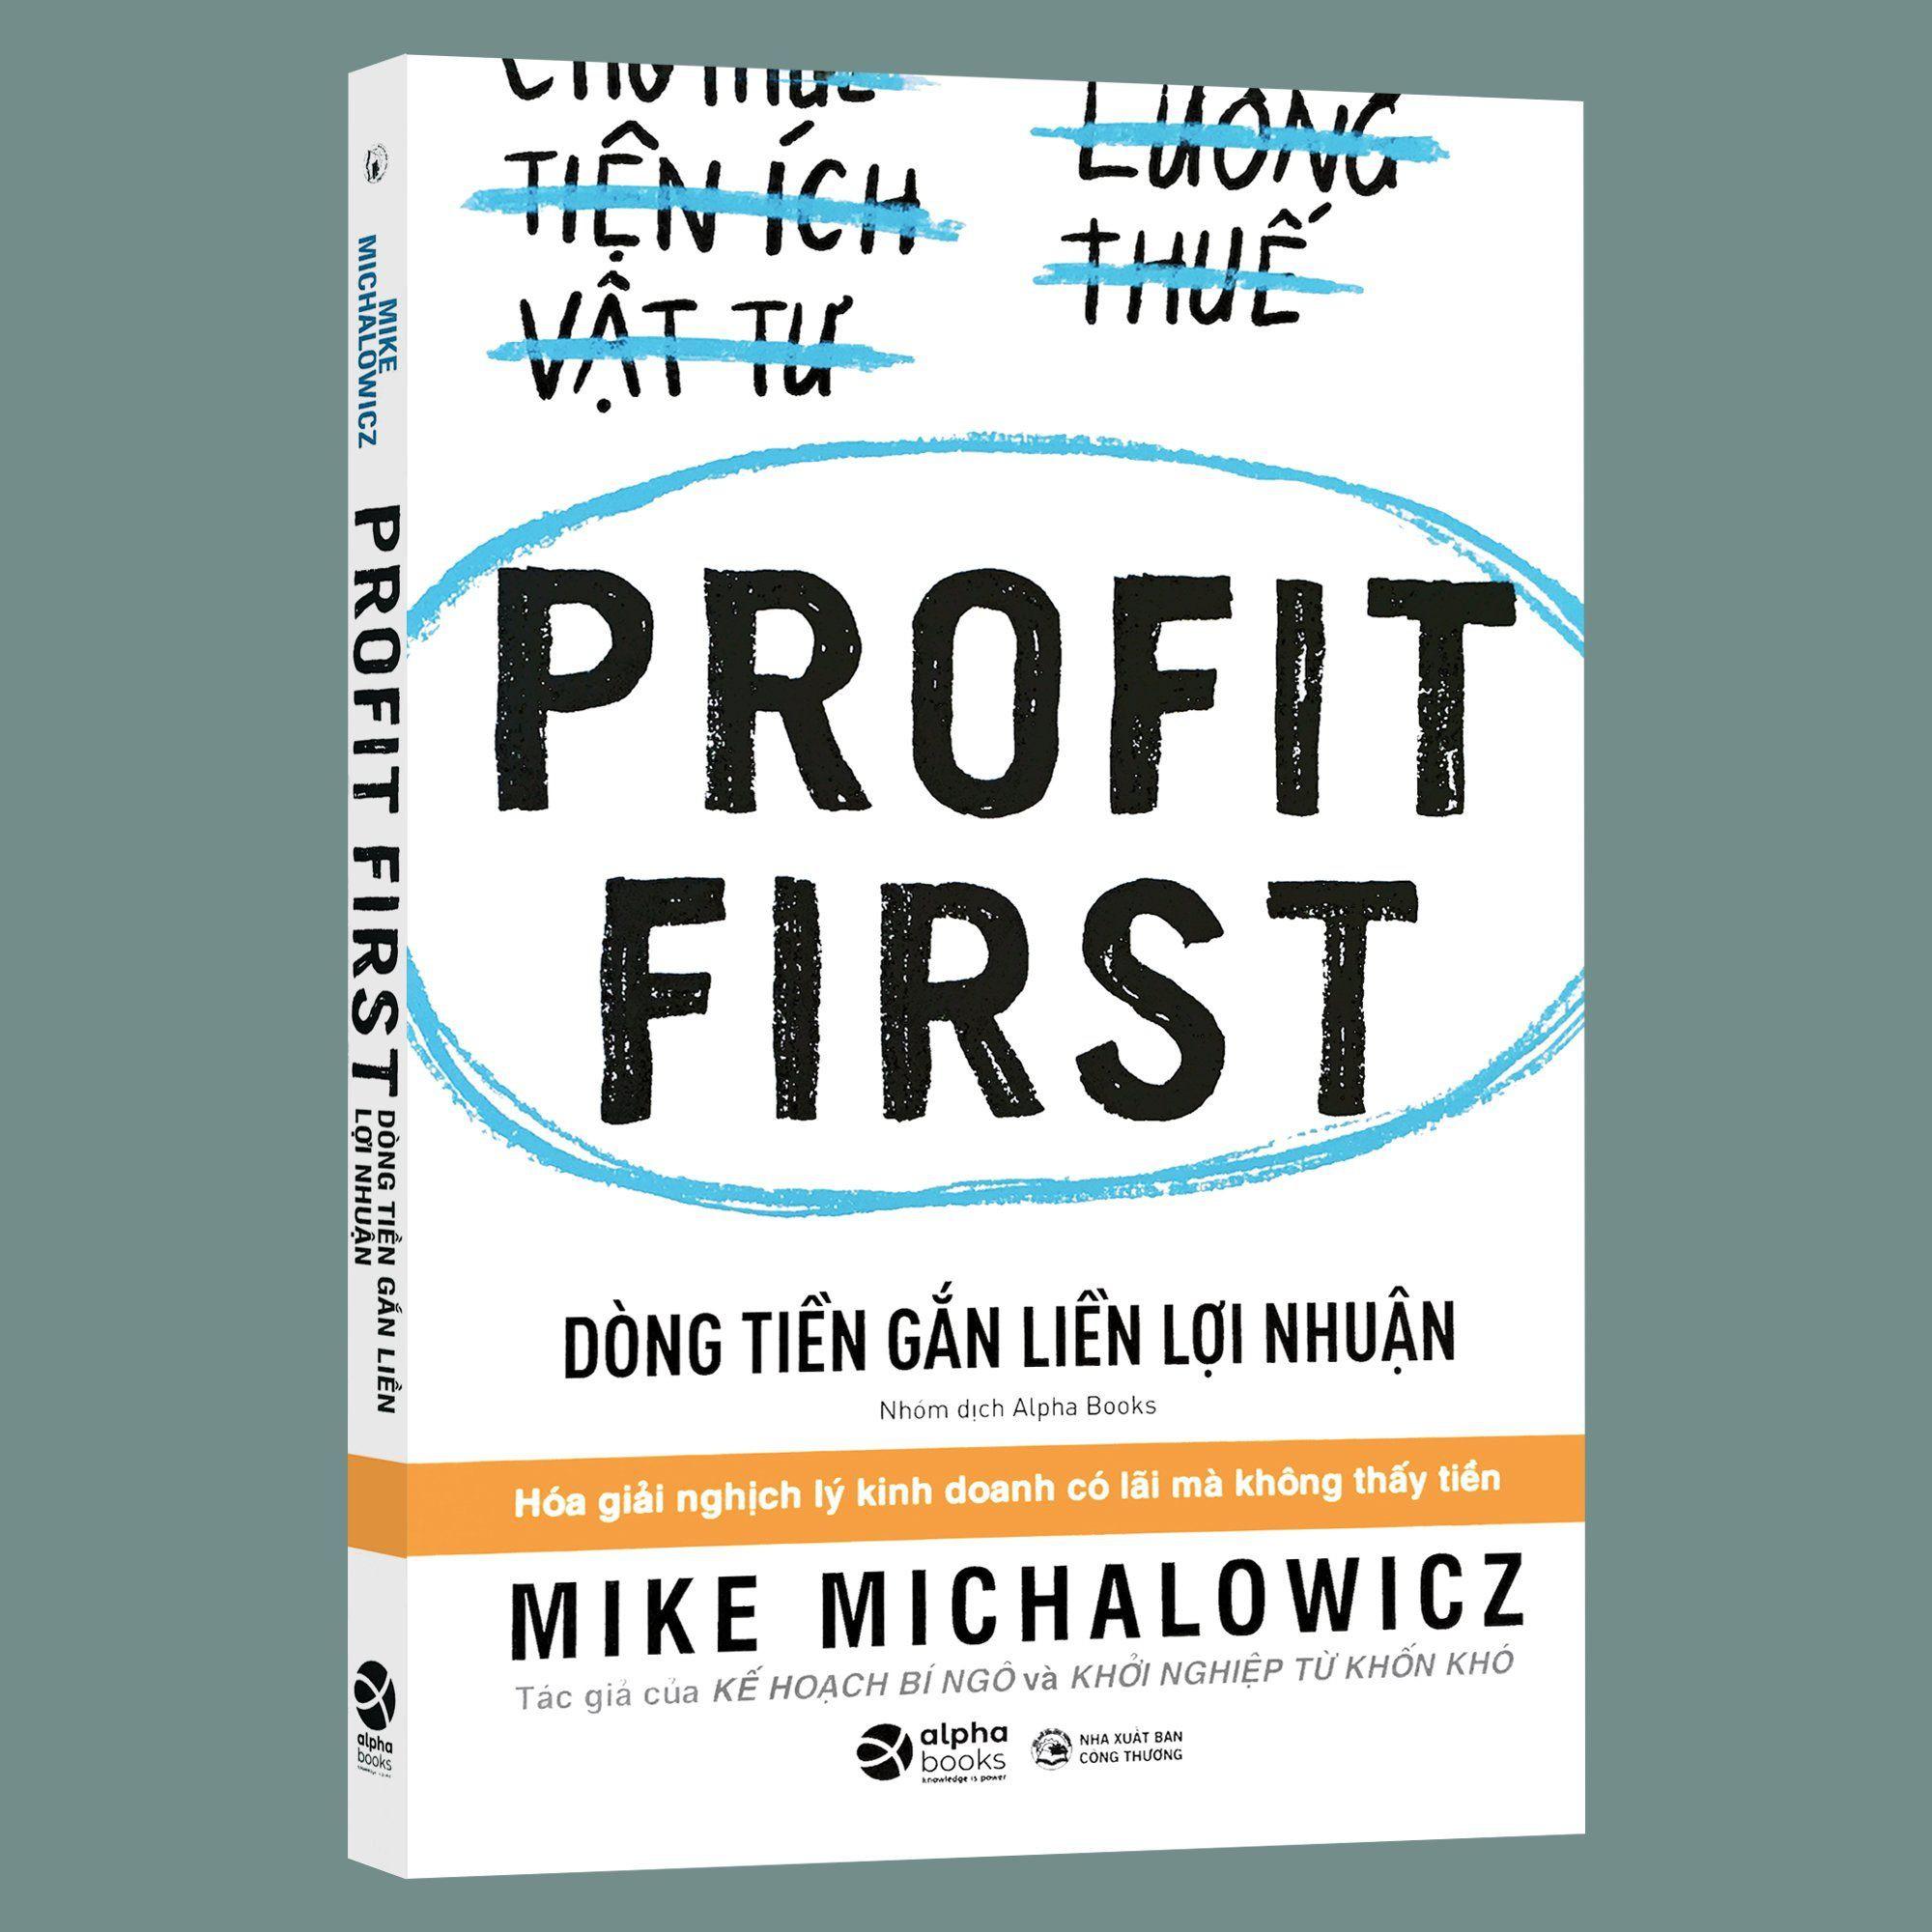 Sách - Profit First - Dòng Tiền Gắn Liền Lợi Nhuận - Thanh Hà Books